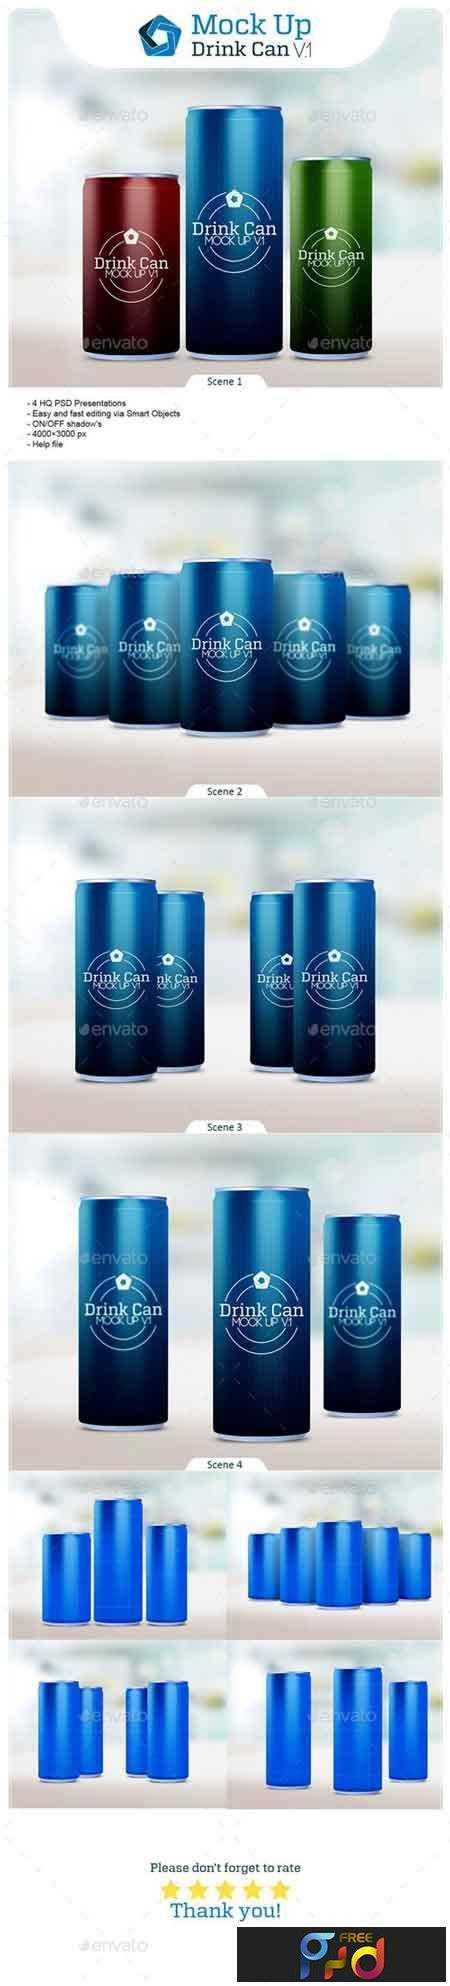 FreePsdVn.com_1705259_MOCKUP_drink_can_v1_10111080